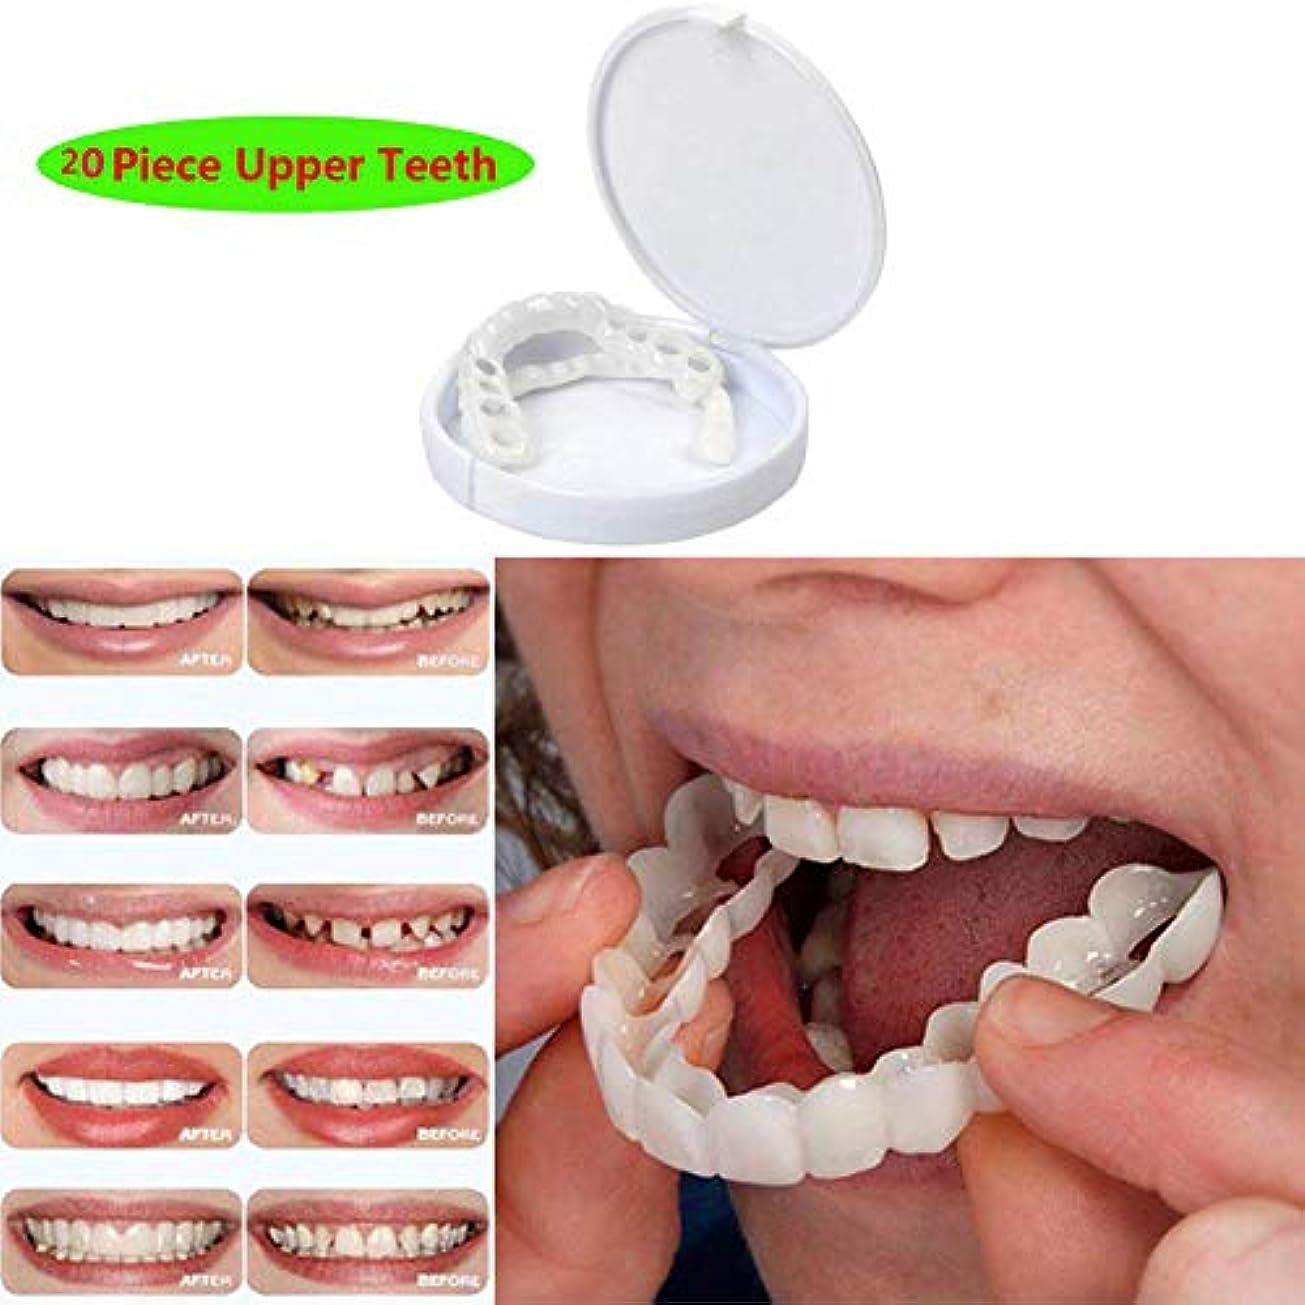 サワーもろいドレイン一時的な化粧品の歯義歯の歯快適な屈曲を完全に白くする化粧品の模倣された上部の支柱わずかな分のベニヤ、20PCS上部の歯